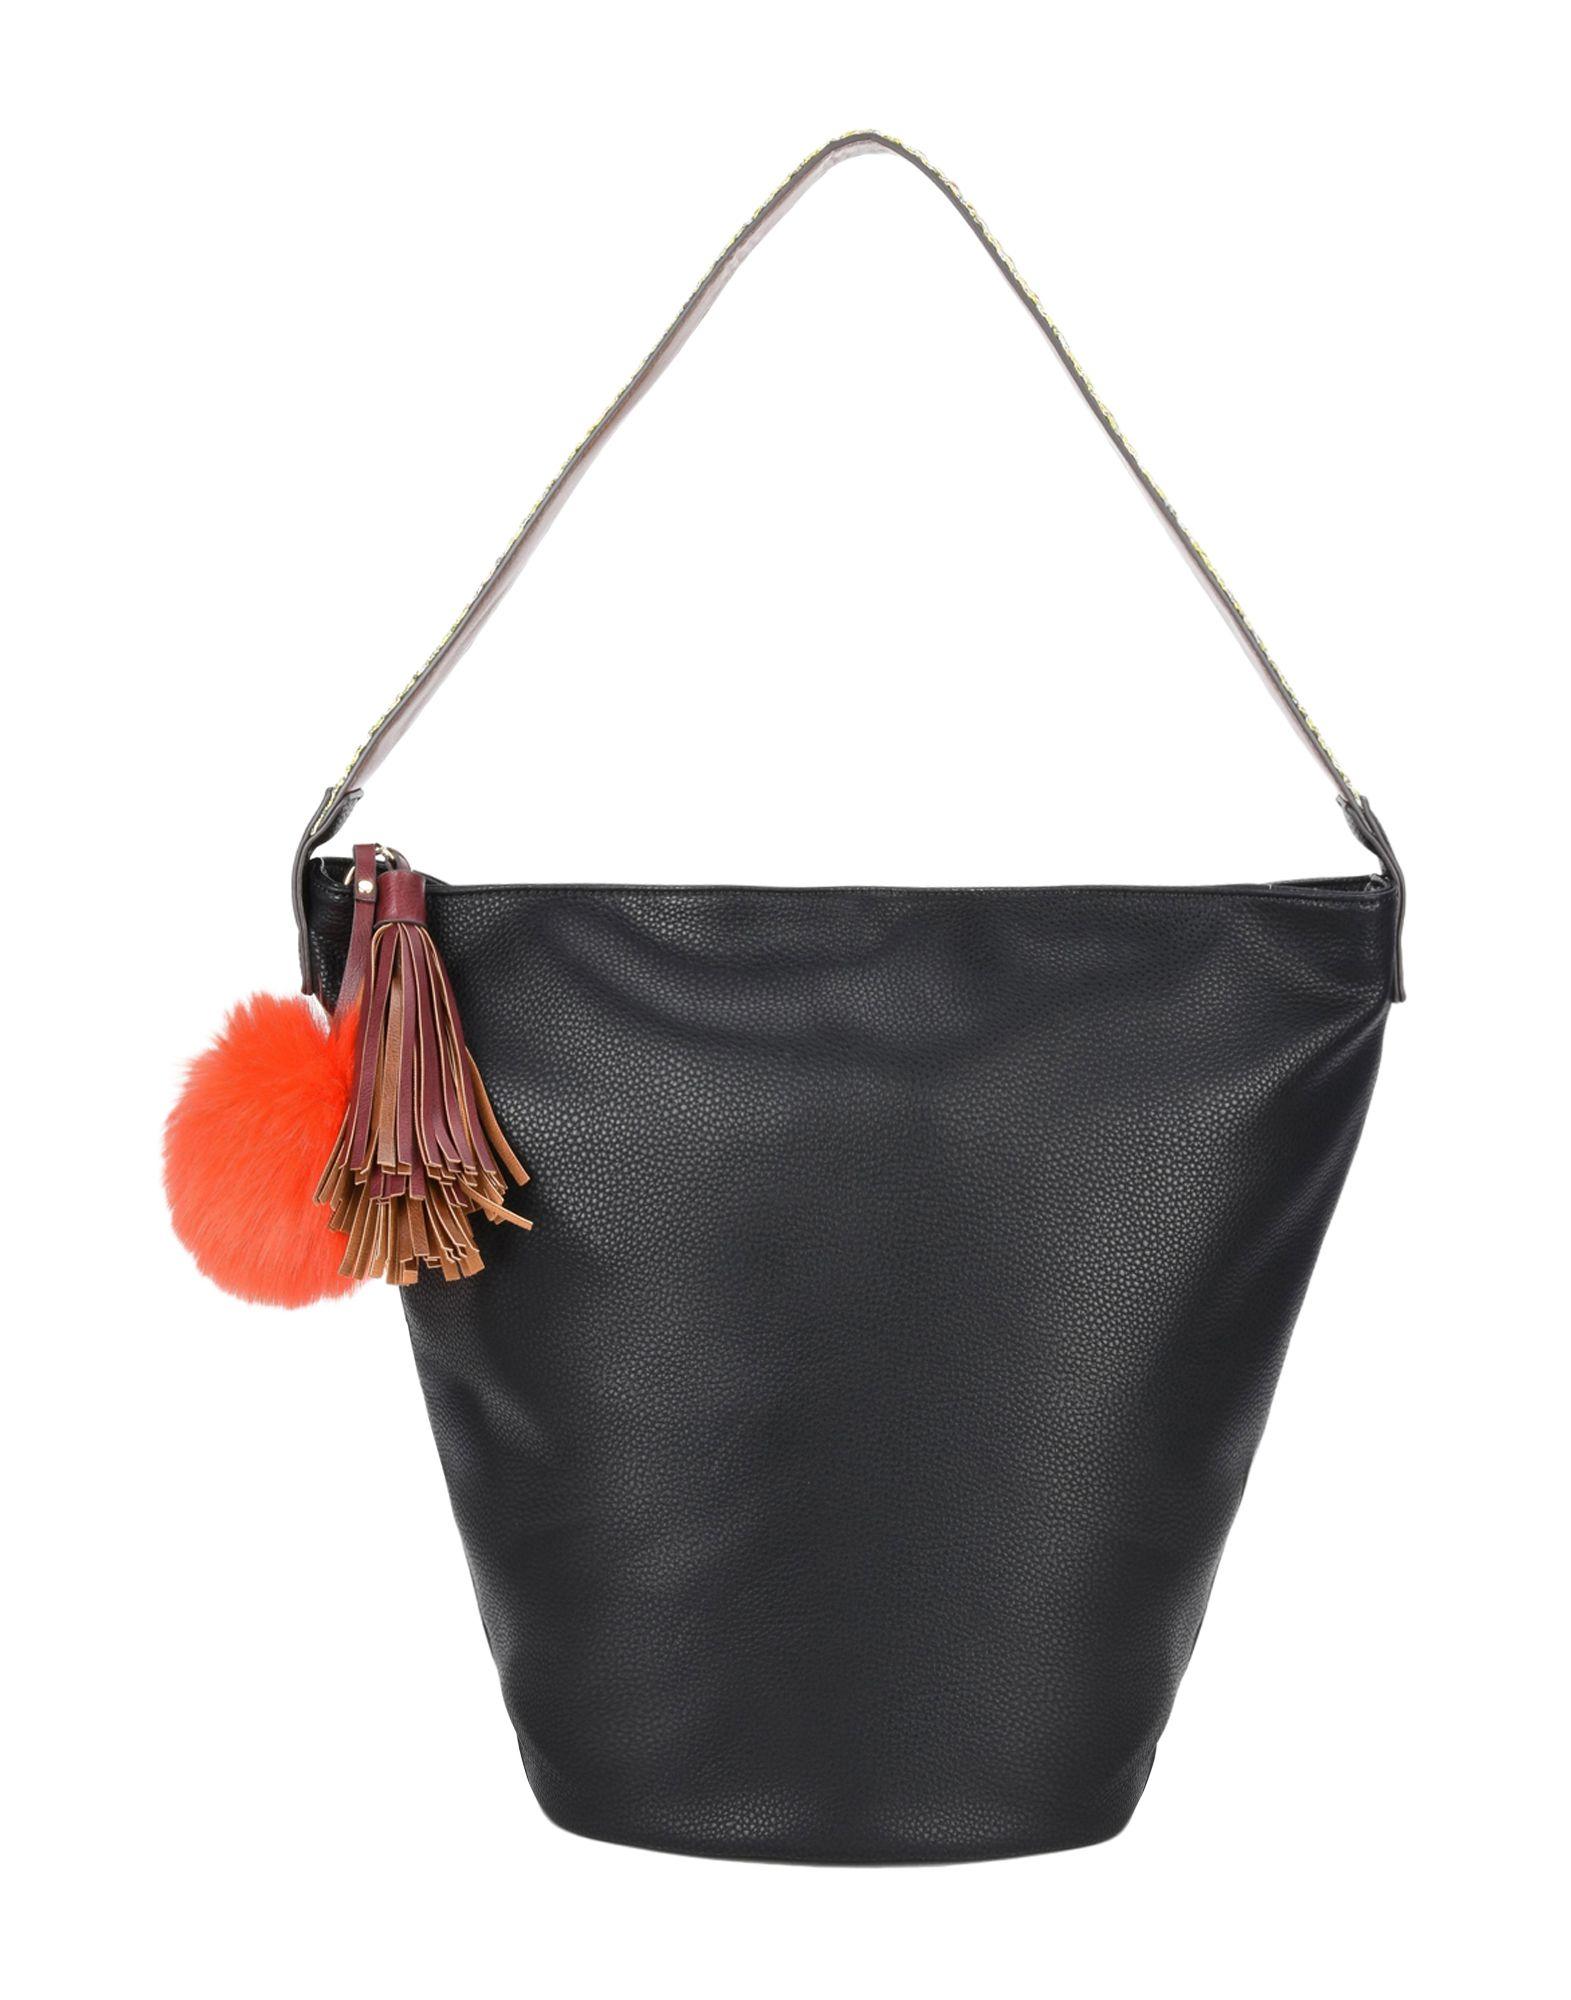 8 Сумка на плечо [супермаркет] landcase jingdong люди деловой сумки случайной сумка плечо сумка прилив мешок коричневого холст мешок 902